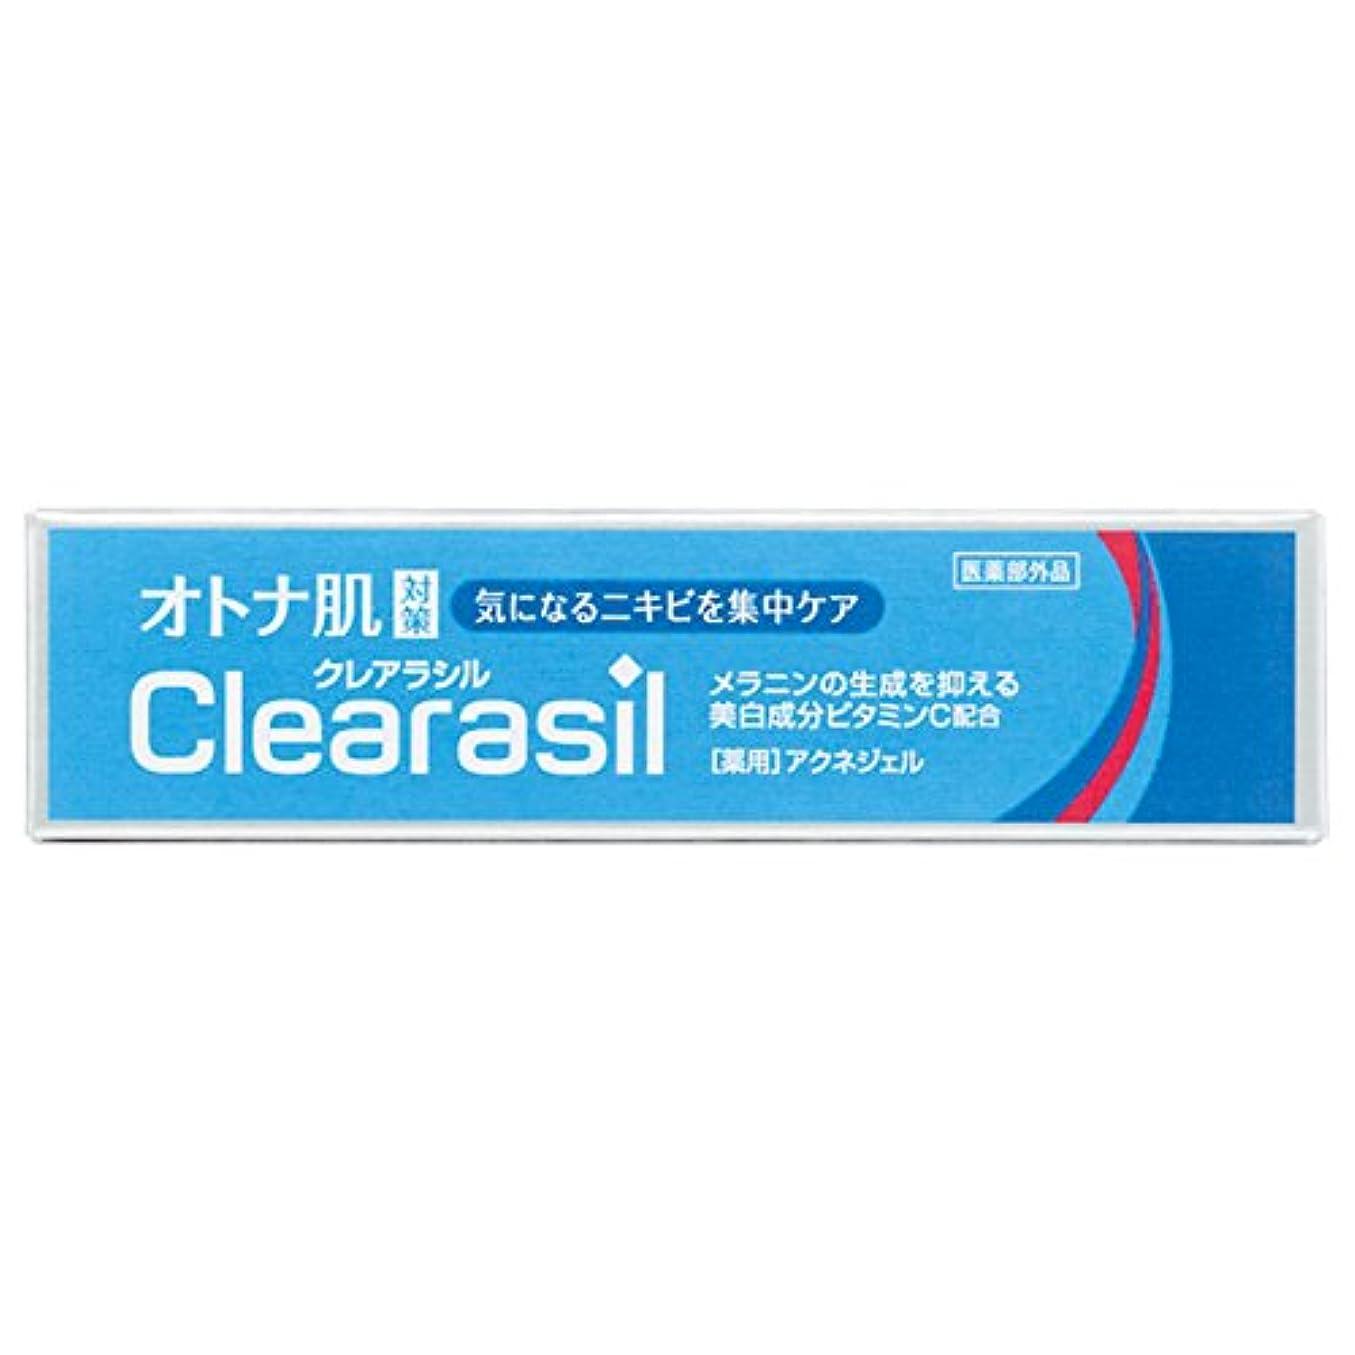 ハグ一掃するオーブン【医薬部外品】クレアラシル オトナ肌対策 14G